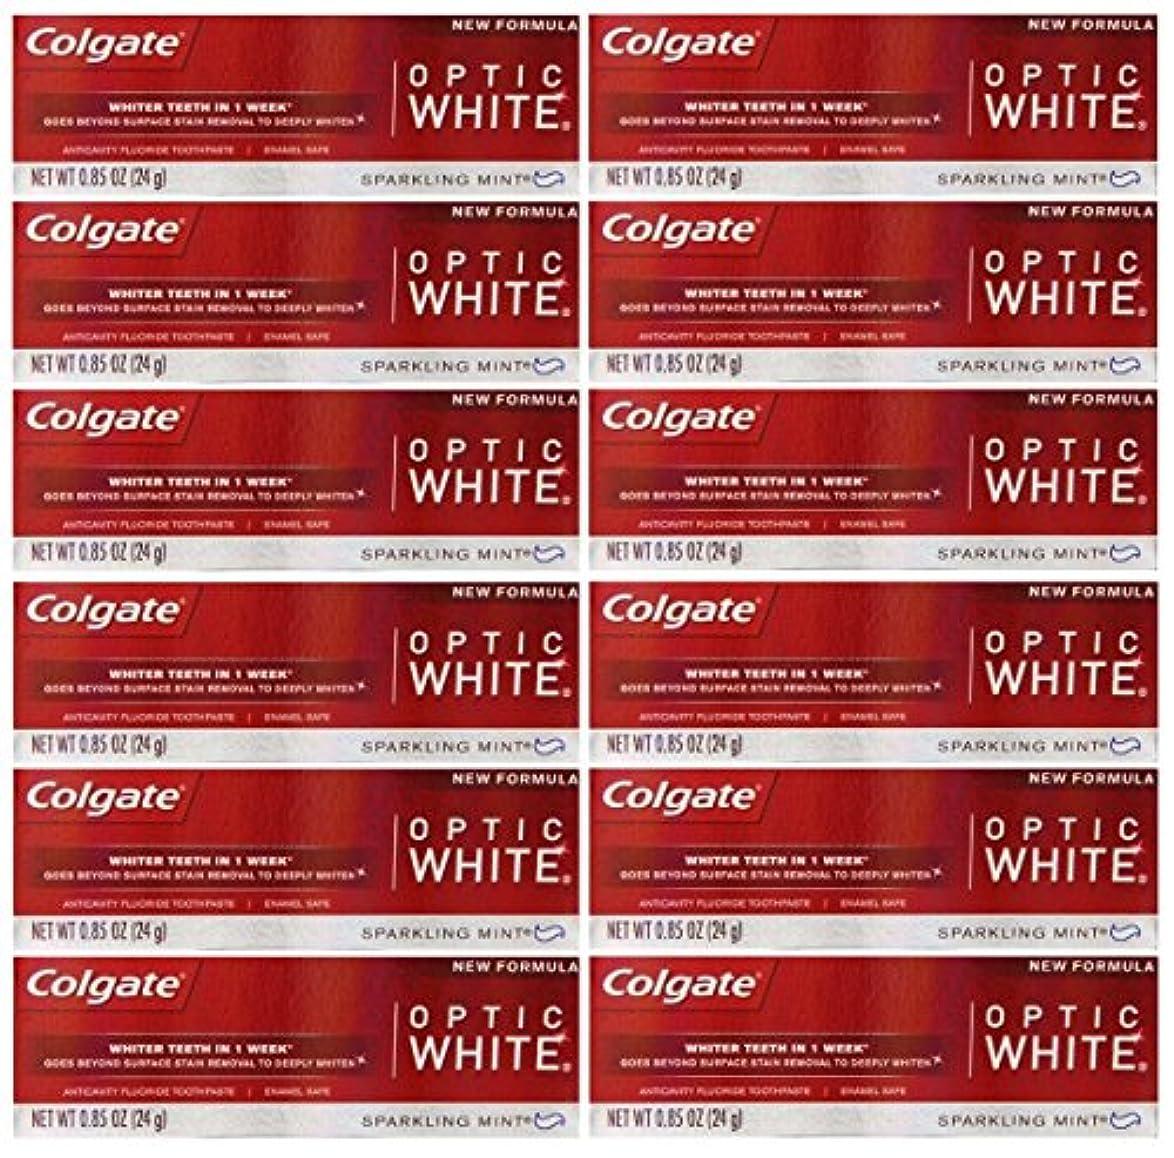 失礼なアプライアンス基礎Colgate 12パック - ハミガキ、スパークリングホワイト、スパークリングミント、トラベルサイズ0.85オンスホワイトニングオプティックホワイト歯